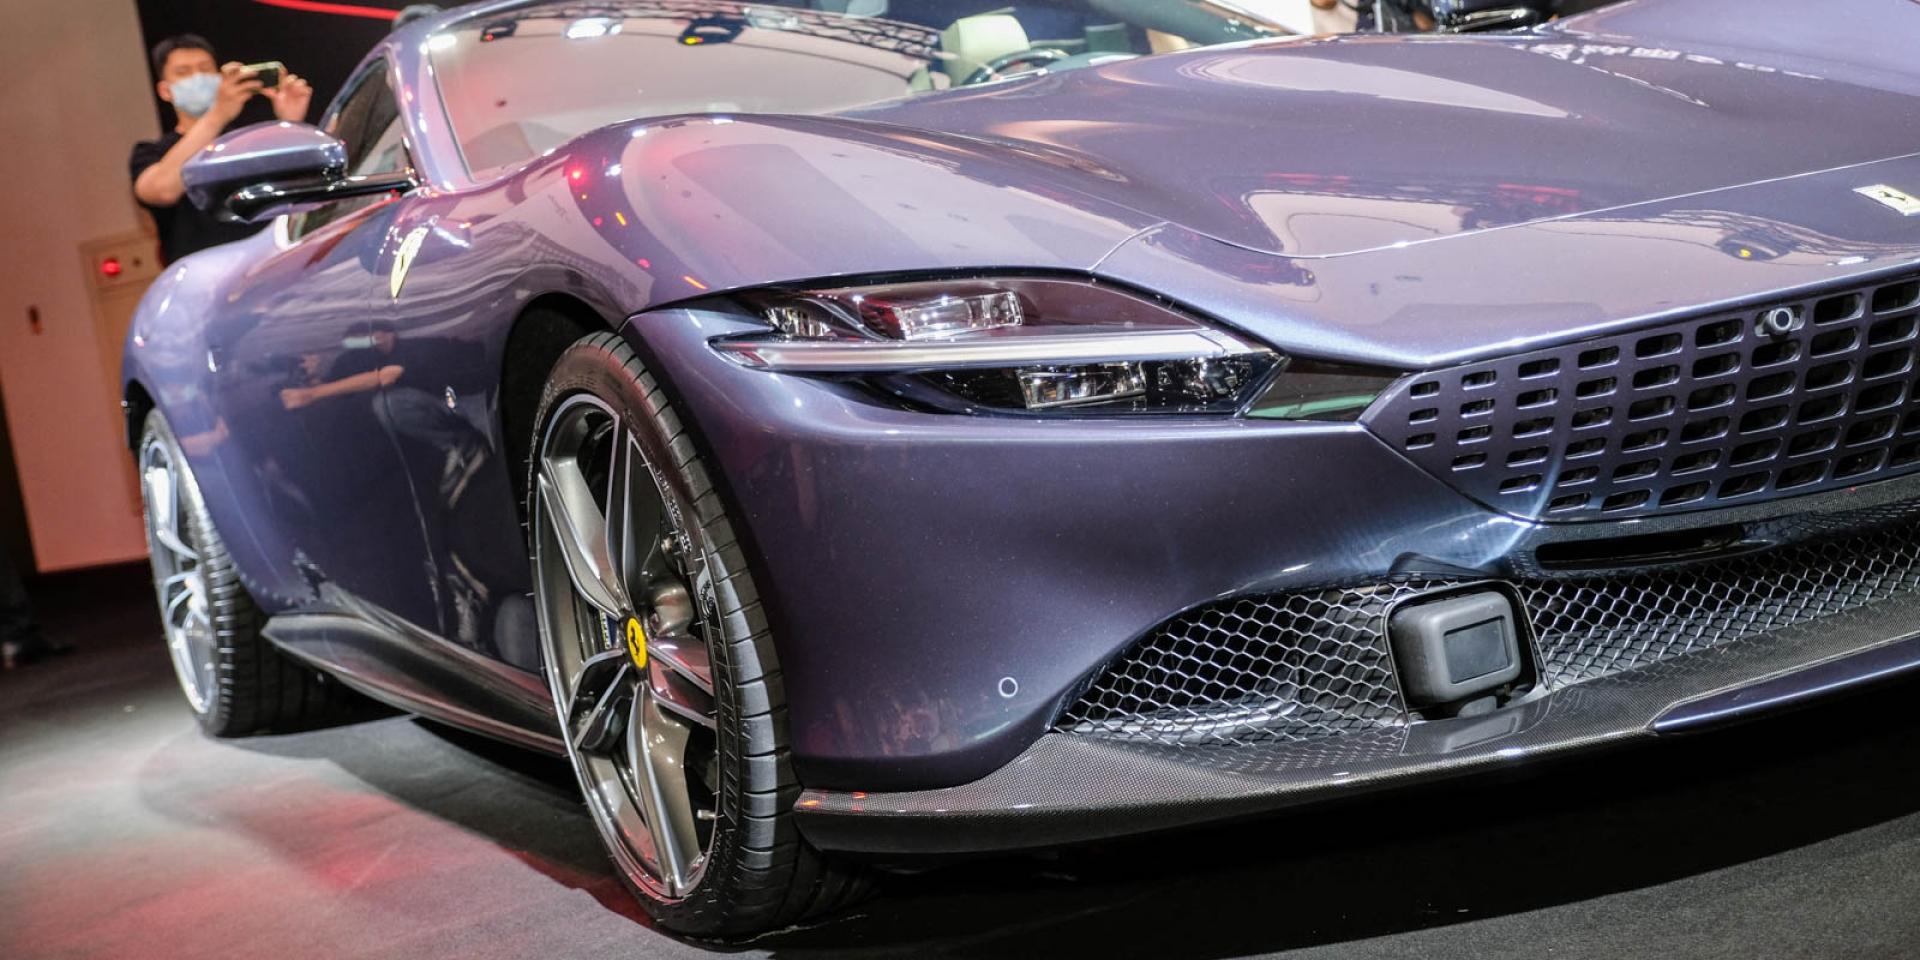 4人同享義式浪漫!Ferrari Roma 1,280萬在台上市